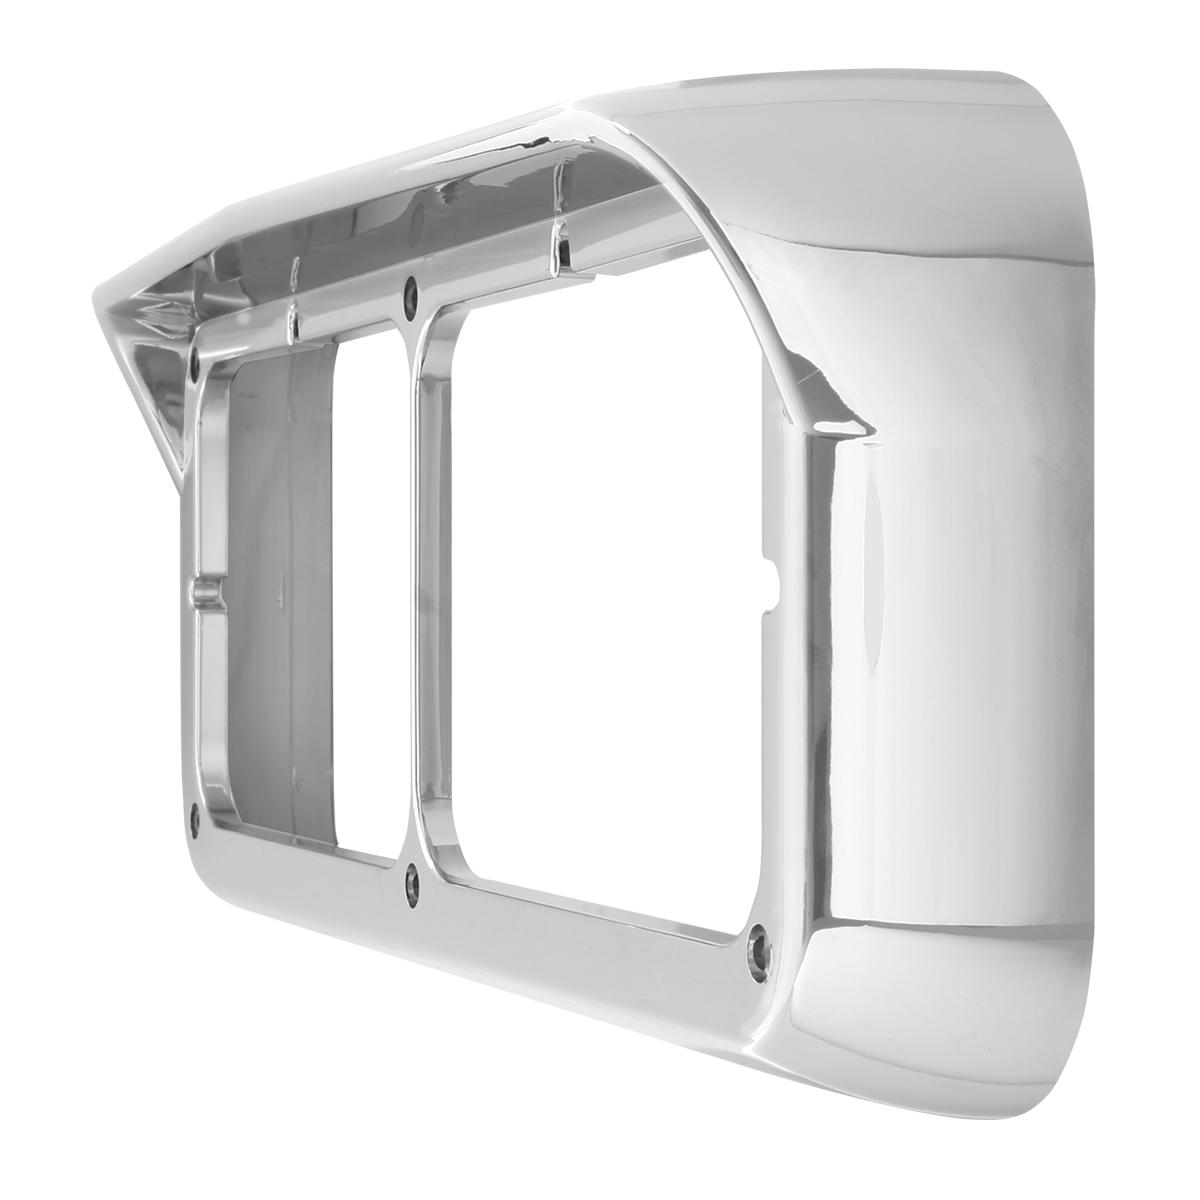 87590 Dual Headlight Bezel w/ Visor for Peterbilt, Kenworth & Freightliner